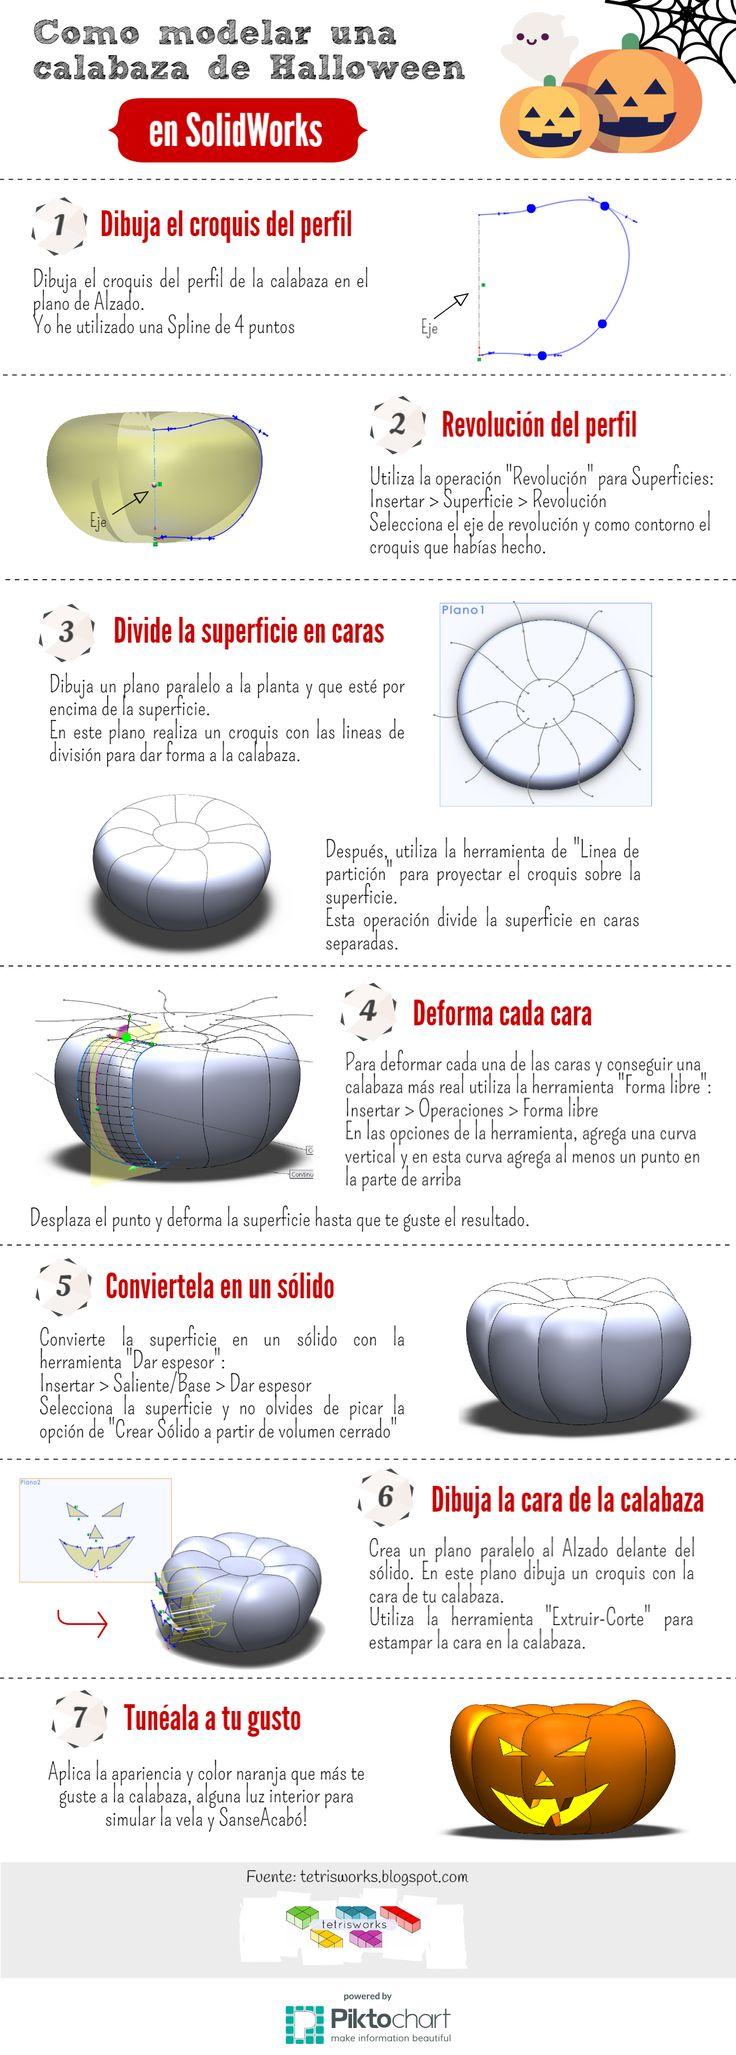 Cómo modelar una calabaza de Halloween con Solidworks #tutorial #infografía #solidworks